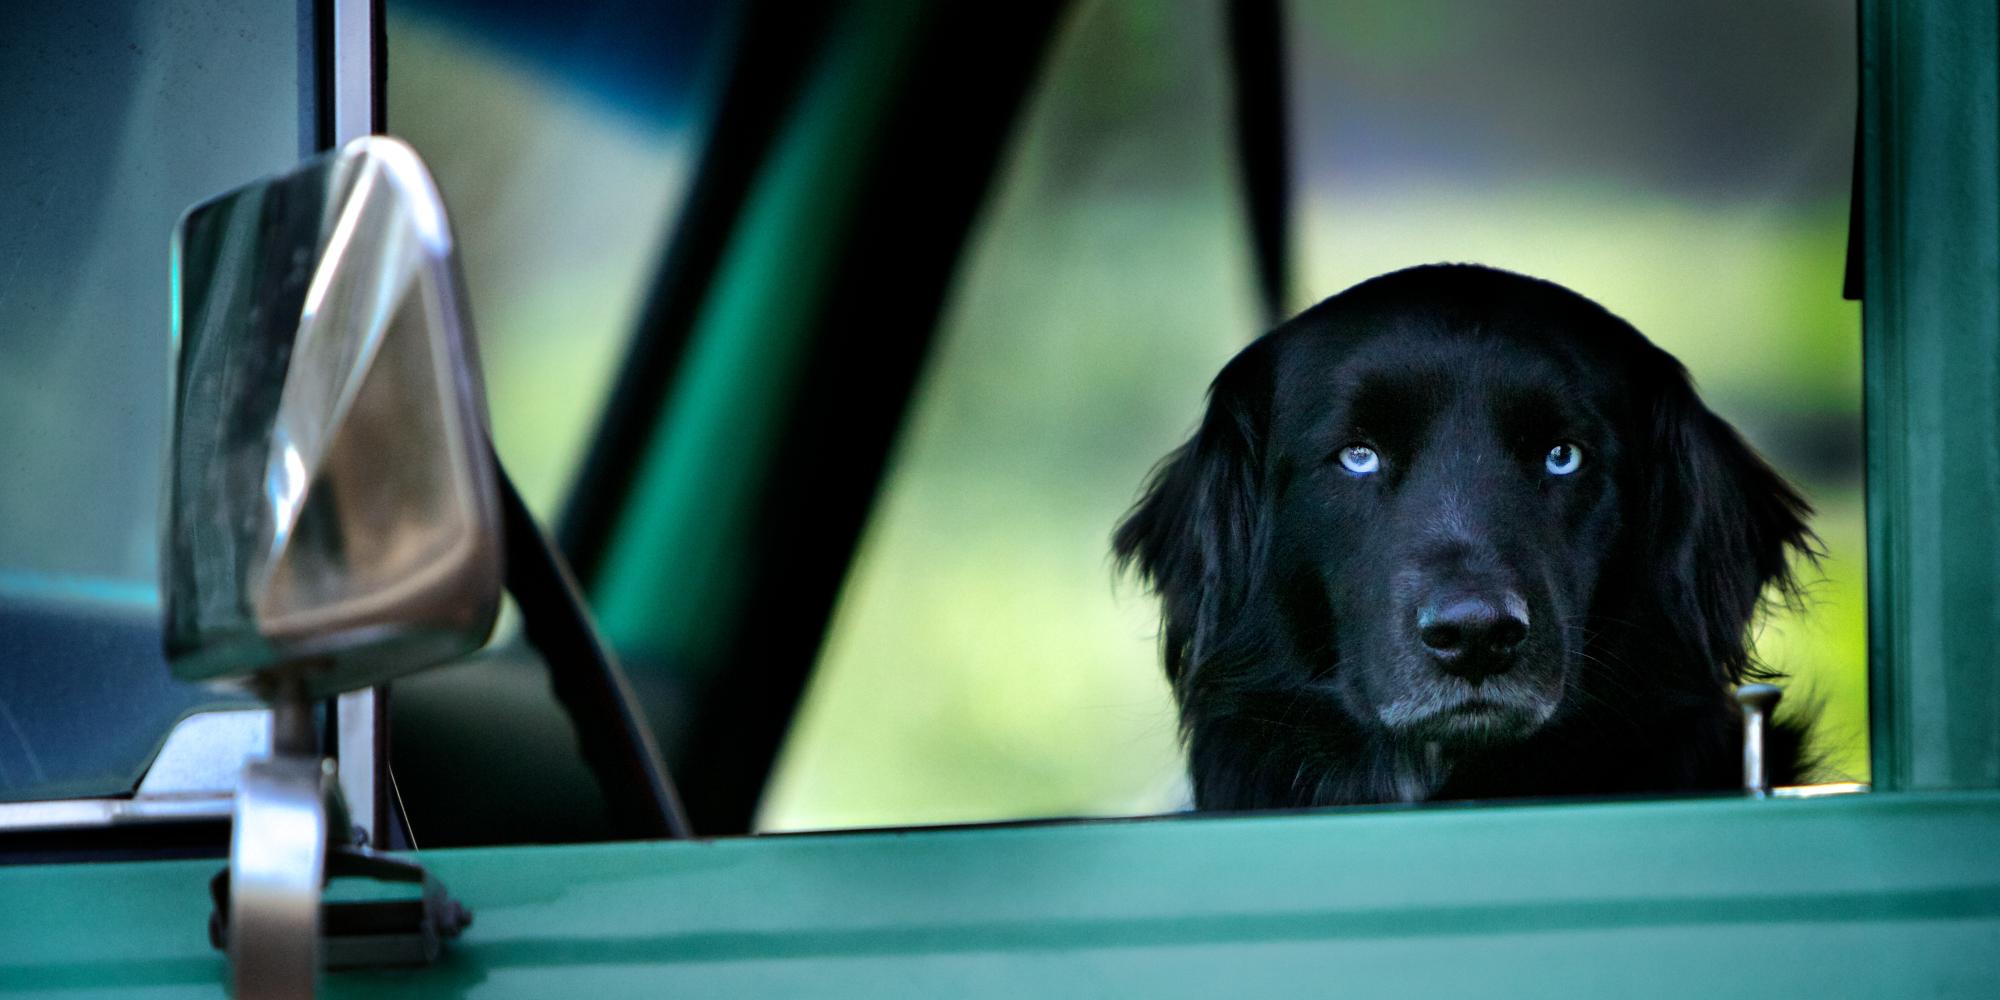 Svart hund med blå øyne ser i kamera. Sitter i førersetet på en grønn bil. Foto.